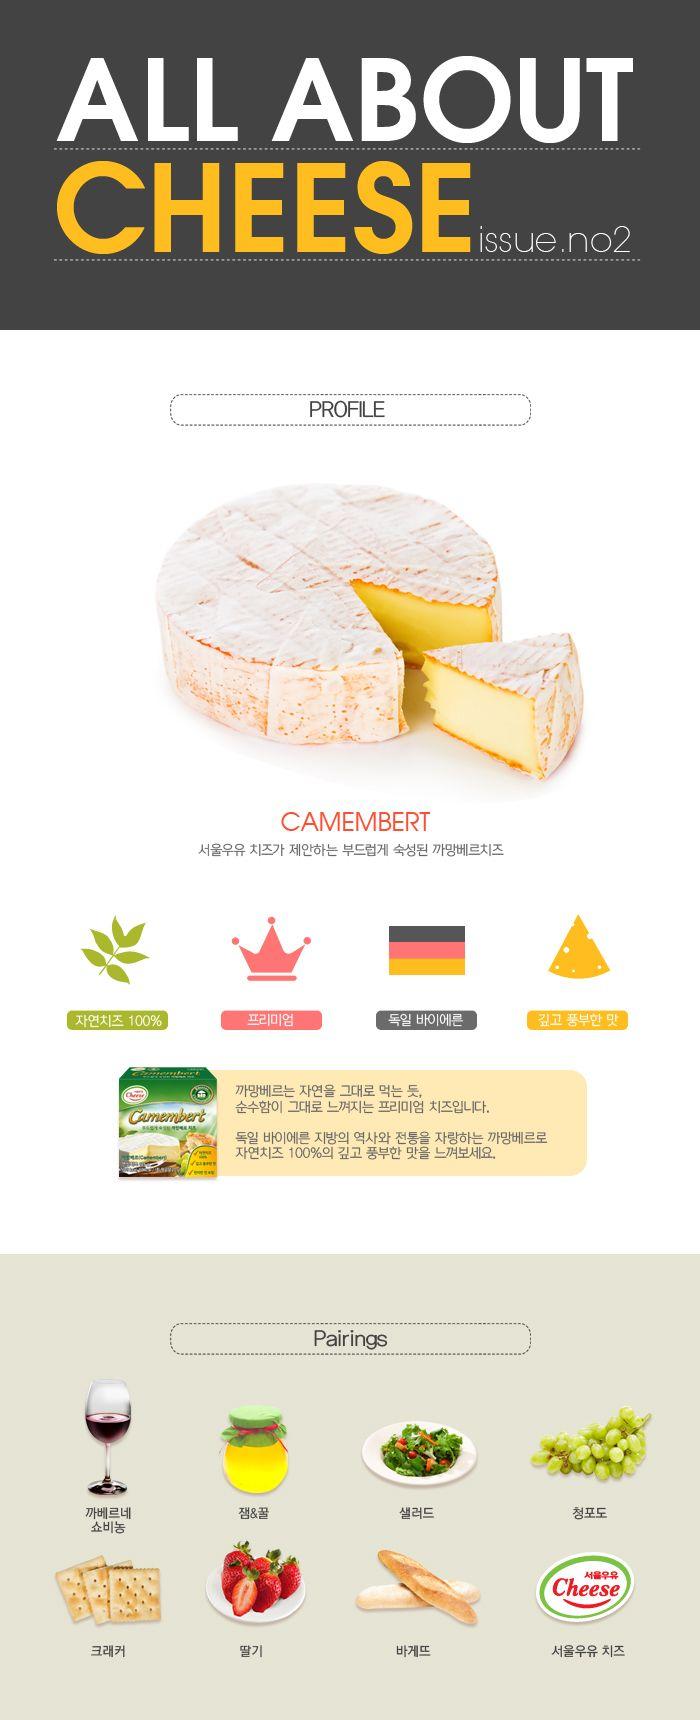 맛과 향 모양 등으로 나뉜 치즈의 종류는 무궁무진한데요. 까망베르치즈는 살균되지 않은 우유로 만들어져 비싸고 좋은 치즈로 인정받는다고 하죠? 부드럽게 숙성된 독일 바이에른 지방의 역사와 전통을 자랑하는 까망베르치즈는 보통 특유의 향을 즐기기 위해 빵 위에 얹어 먹거나 와인과 곁들어 먹는데요. 어떤 조합과 가장 잘 어울리는지 알아볼까요? :-)